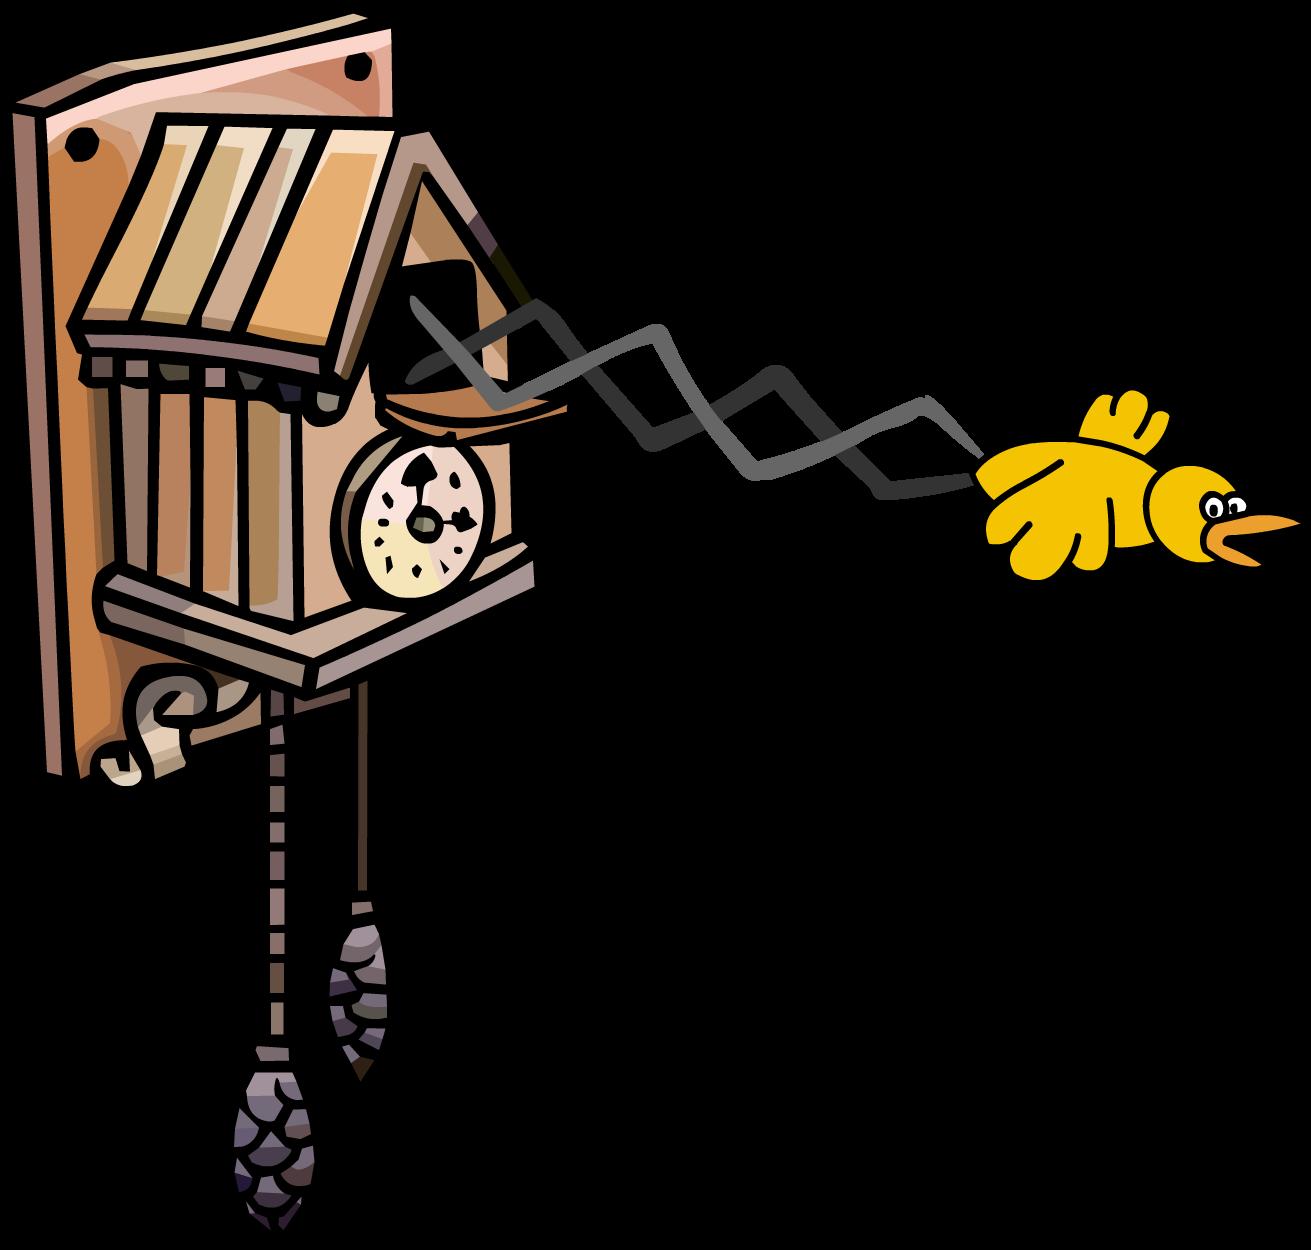 Fred the Clockwork Cuckoo